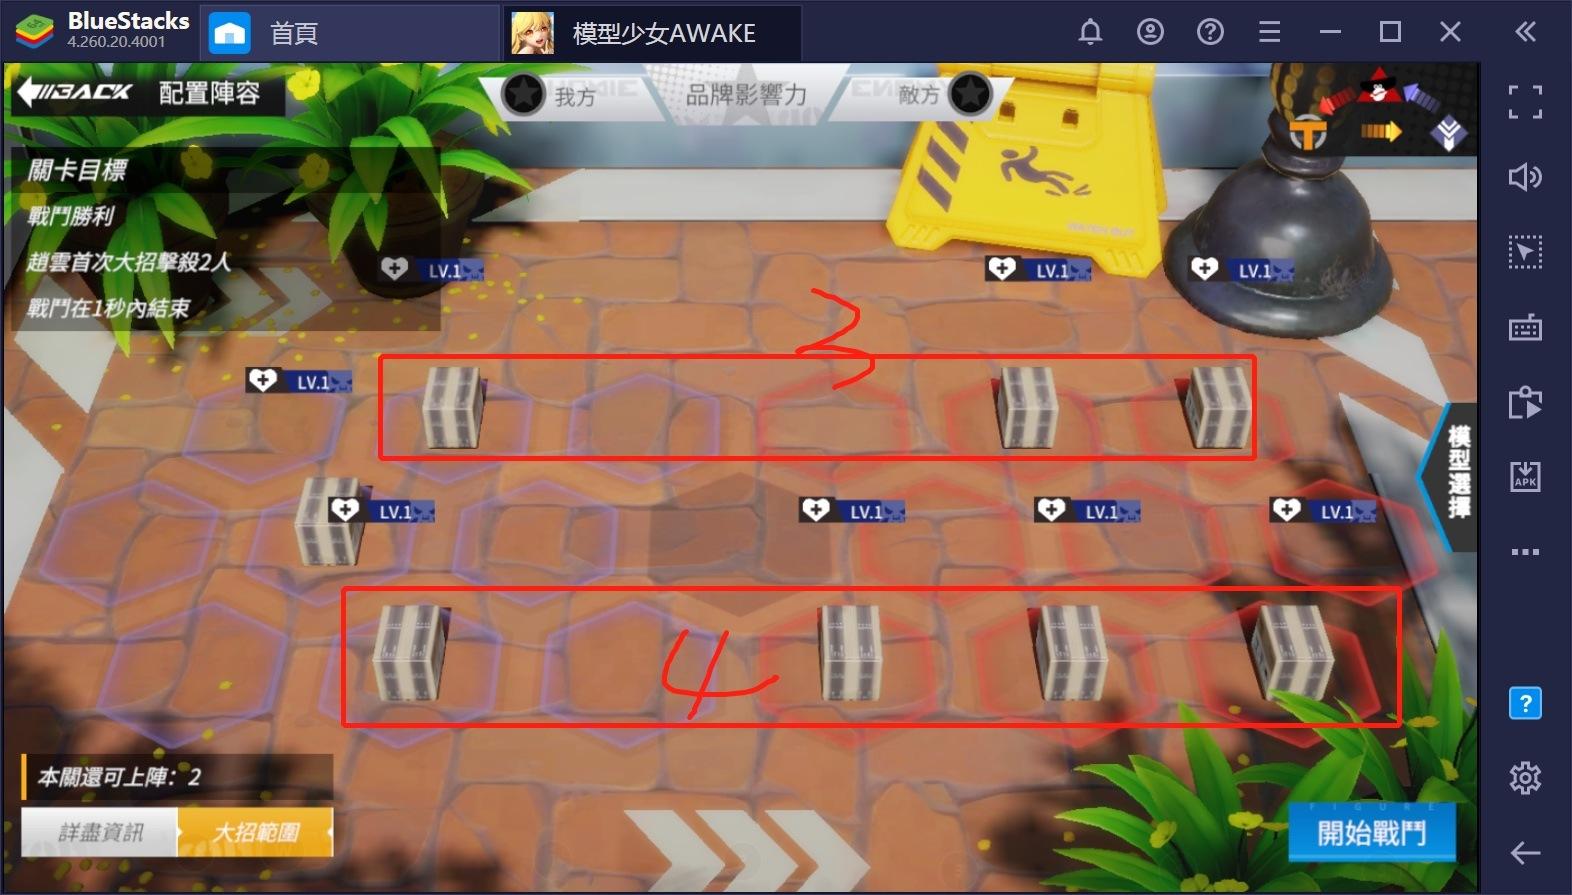 如何用BlueStacks在PC上玩模型主題3D手遊《模型少女》